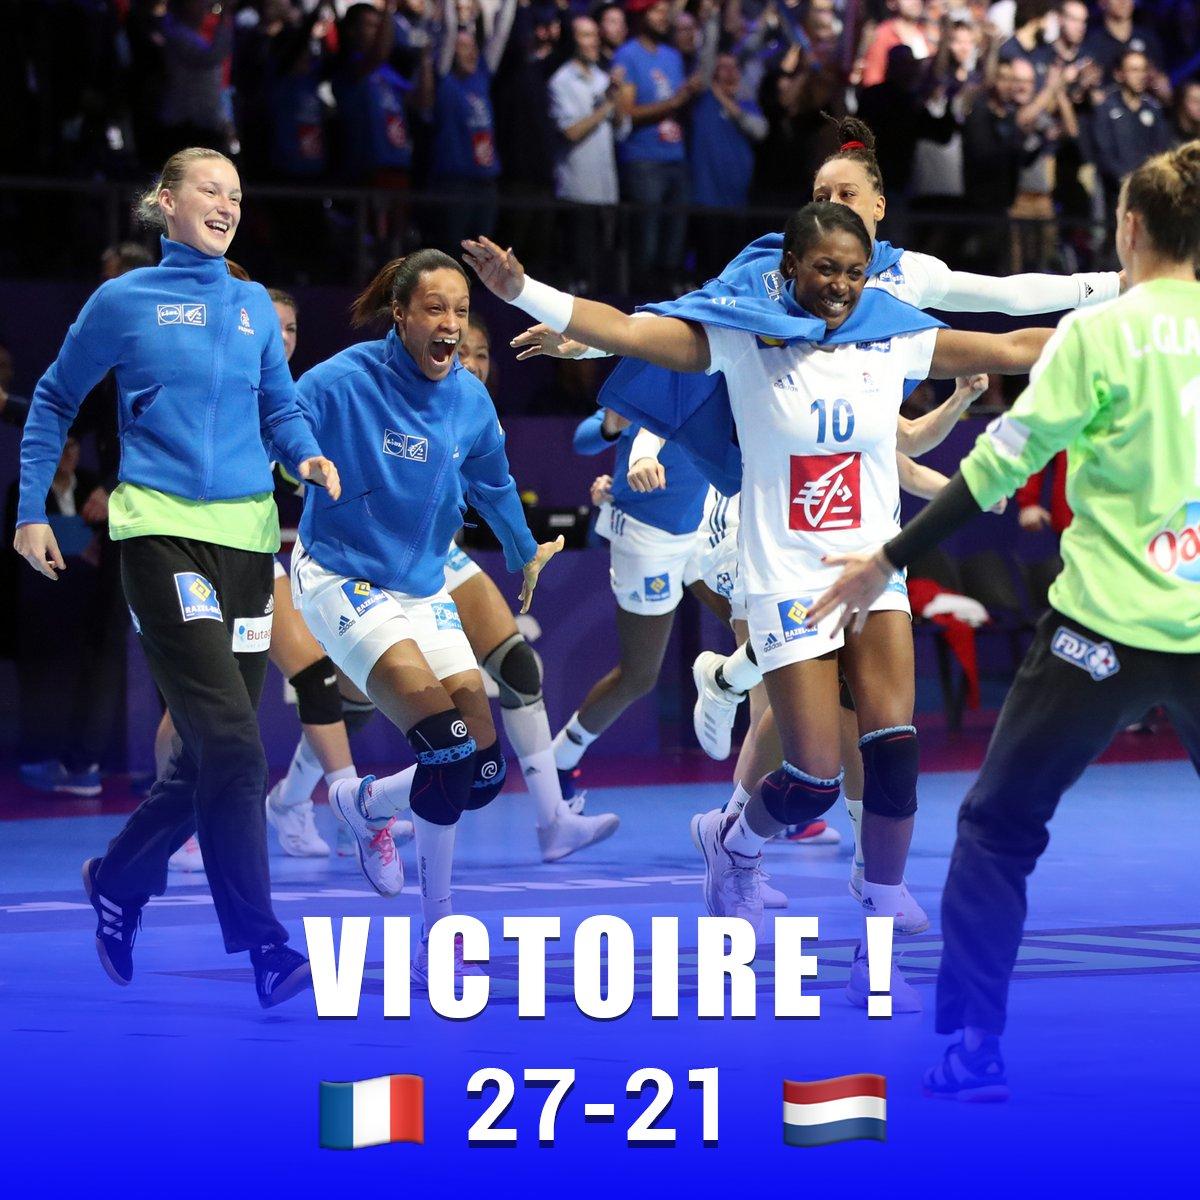 Magnifique ! Les Bleues rejoignent la Russie en finale de l'@EHFEURO! Après avoir remporté le titre mondial il y a un an, la France aura l'occasion de faire le doublé ce dimanche suite à sa victoire 27 à 21 face aux Pays-Bas hier soir #EHFEuro2018 #handballissime #JouezADomicile https://t.co/91qS7RPmw3